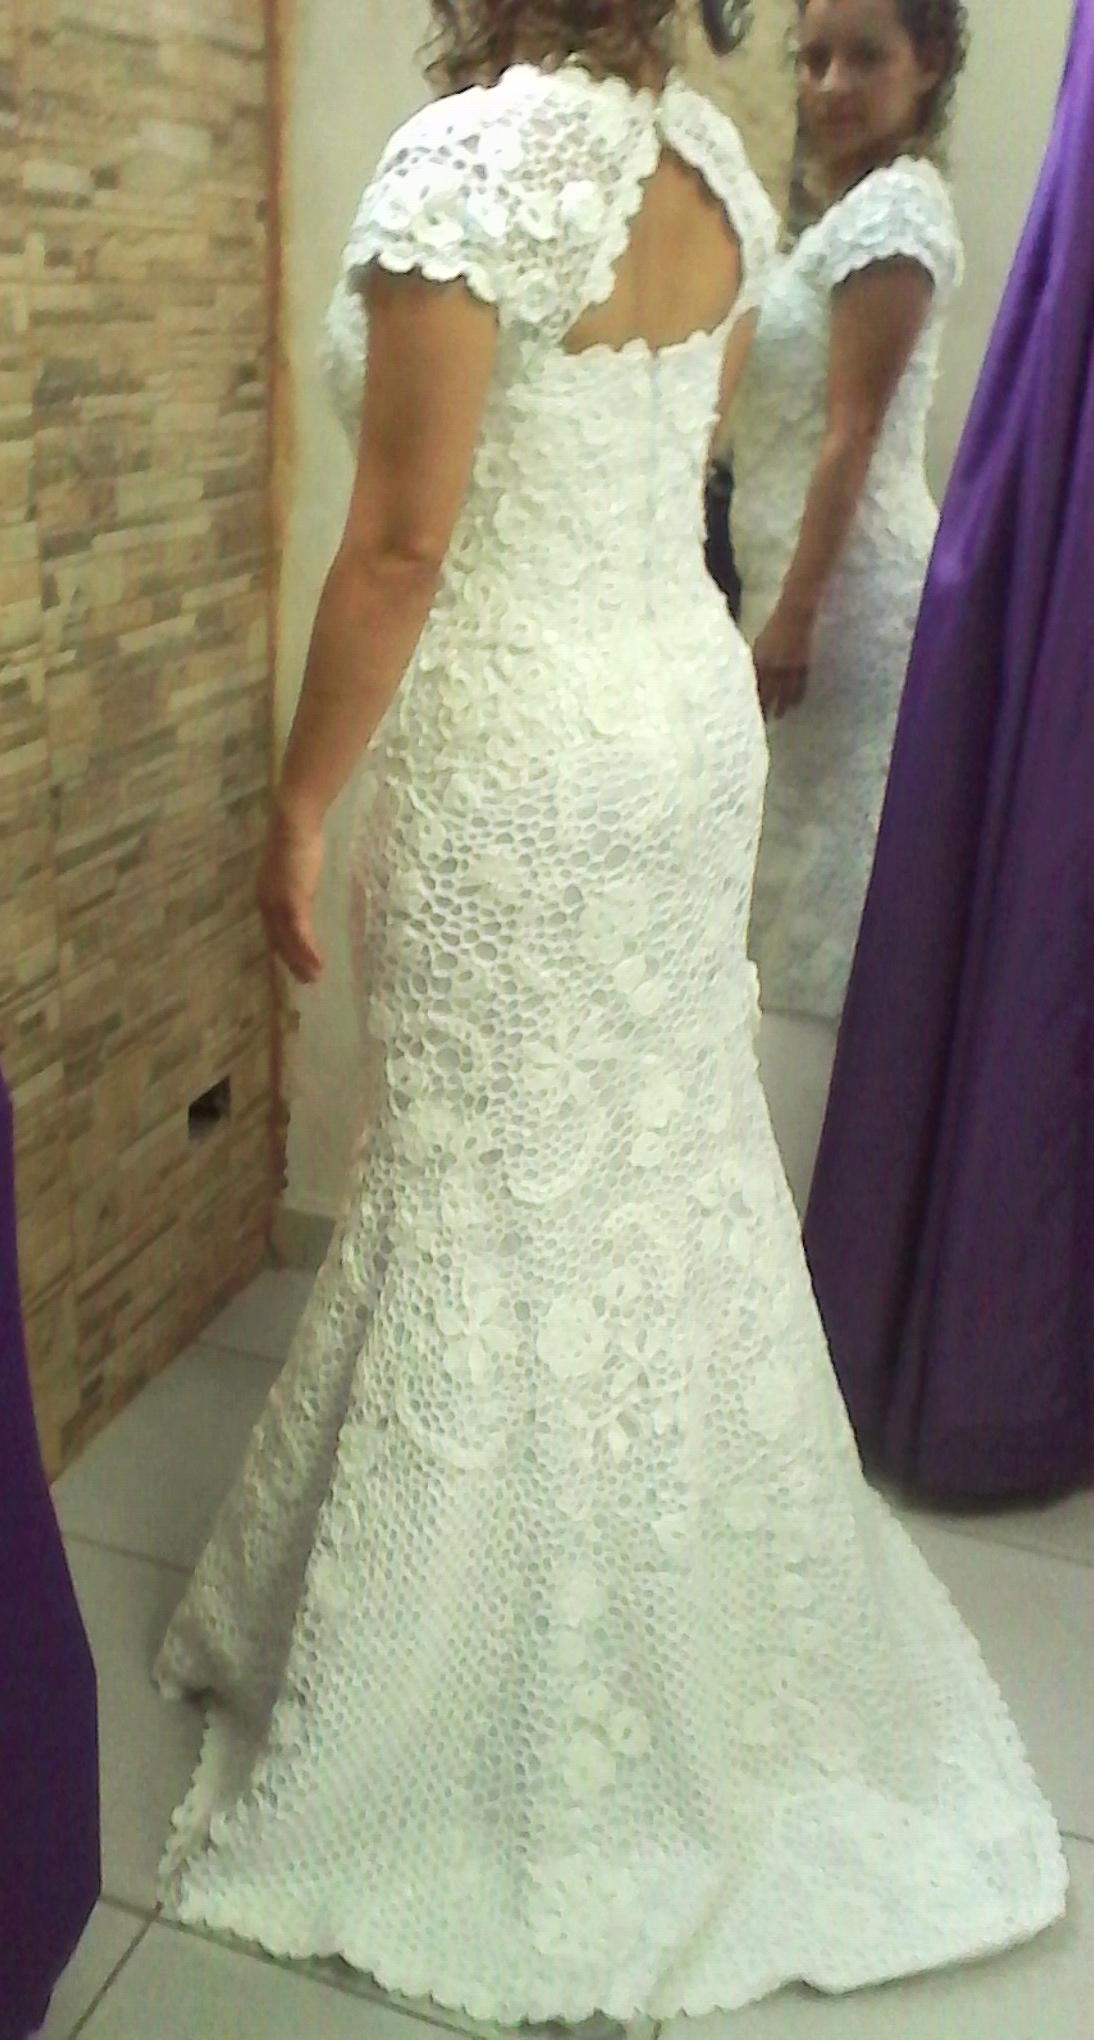 ebcf783b1c0c Vestido de noiva de crochê - 30 modelos, como fazer, gráfico e receitas